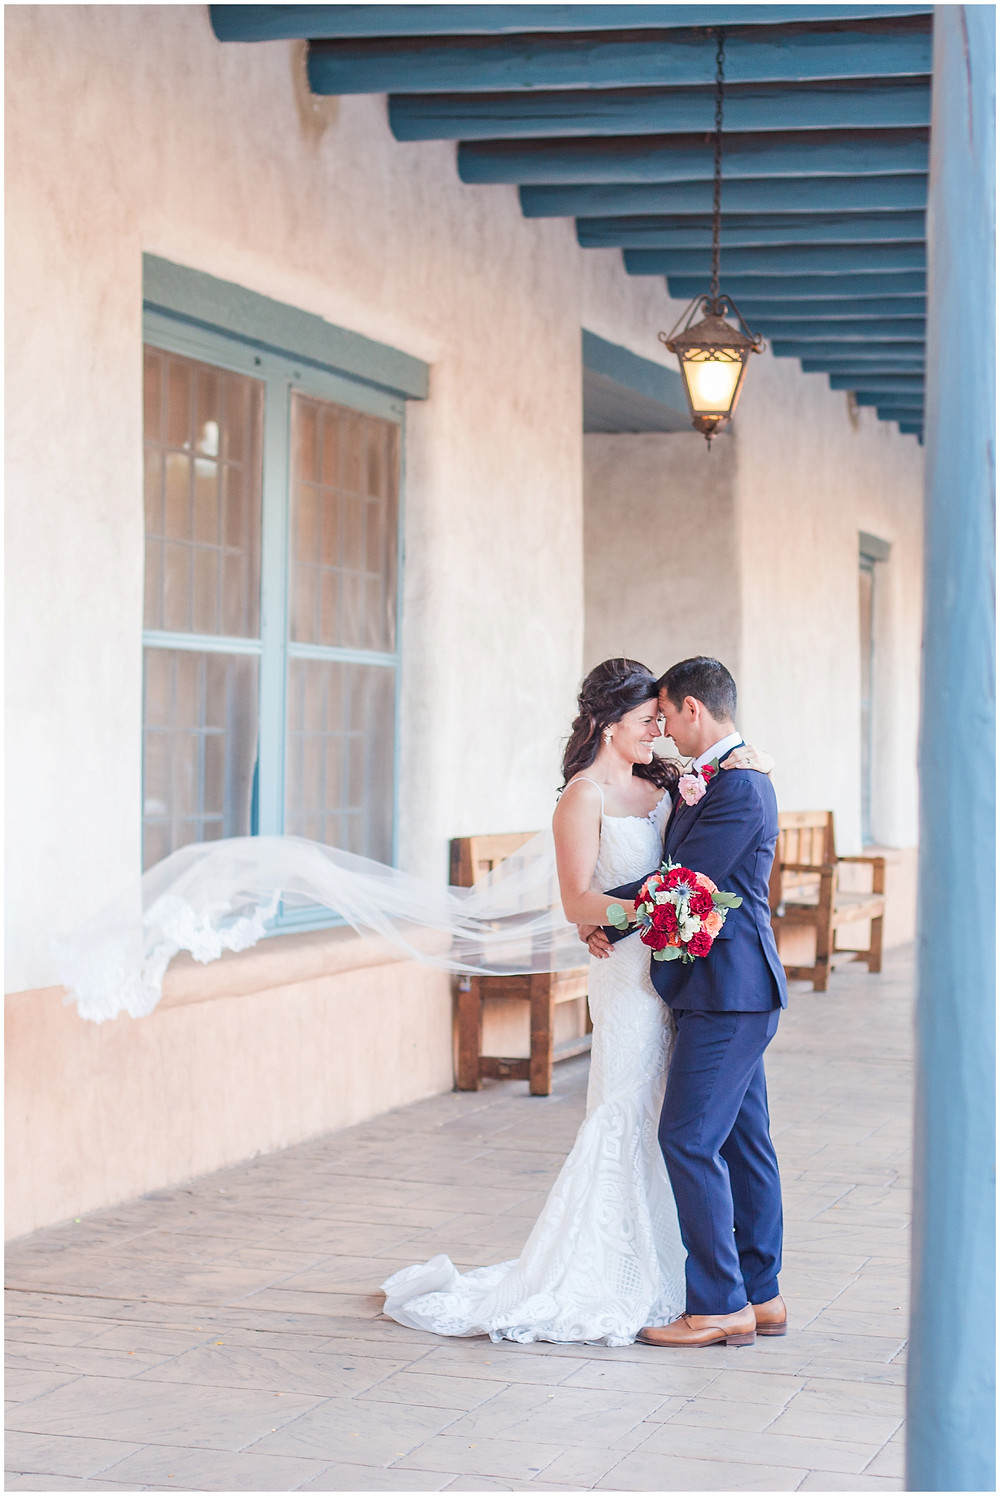 El Dorado Santa Fe. El Dorado Wedding. Santa Fe Wedding. Santa Fe Wedding Photographer. New Mexico Wedding. New Mexico Wedding Photographer. Lace Wedding Dress. Bold Bouquet. Bright Bouquet. Rose Bouquet.